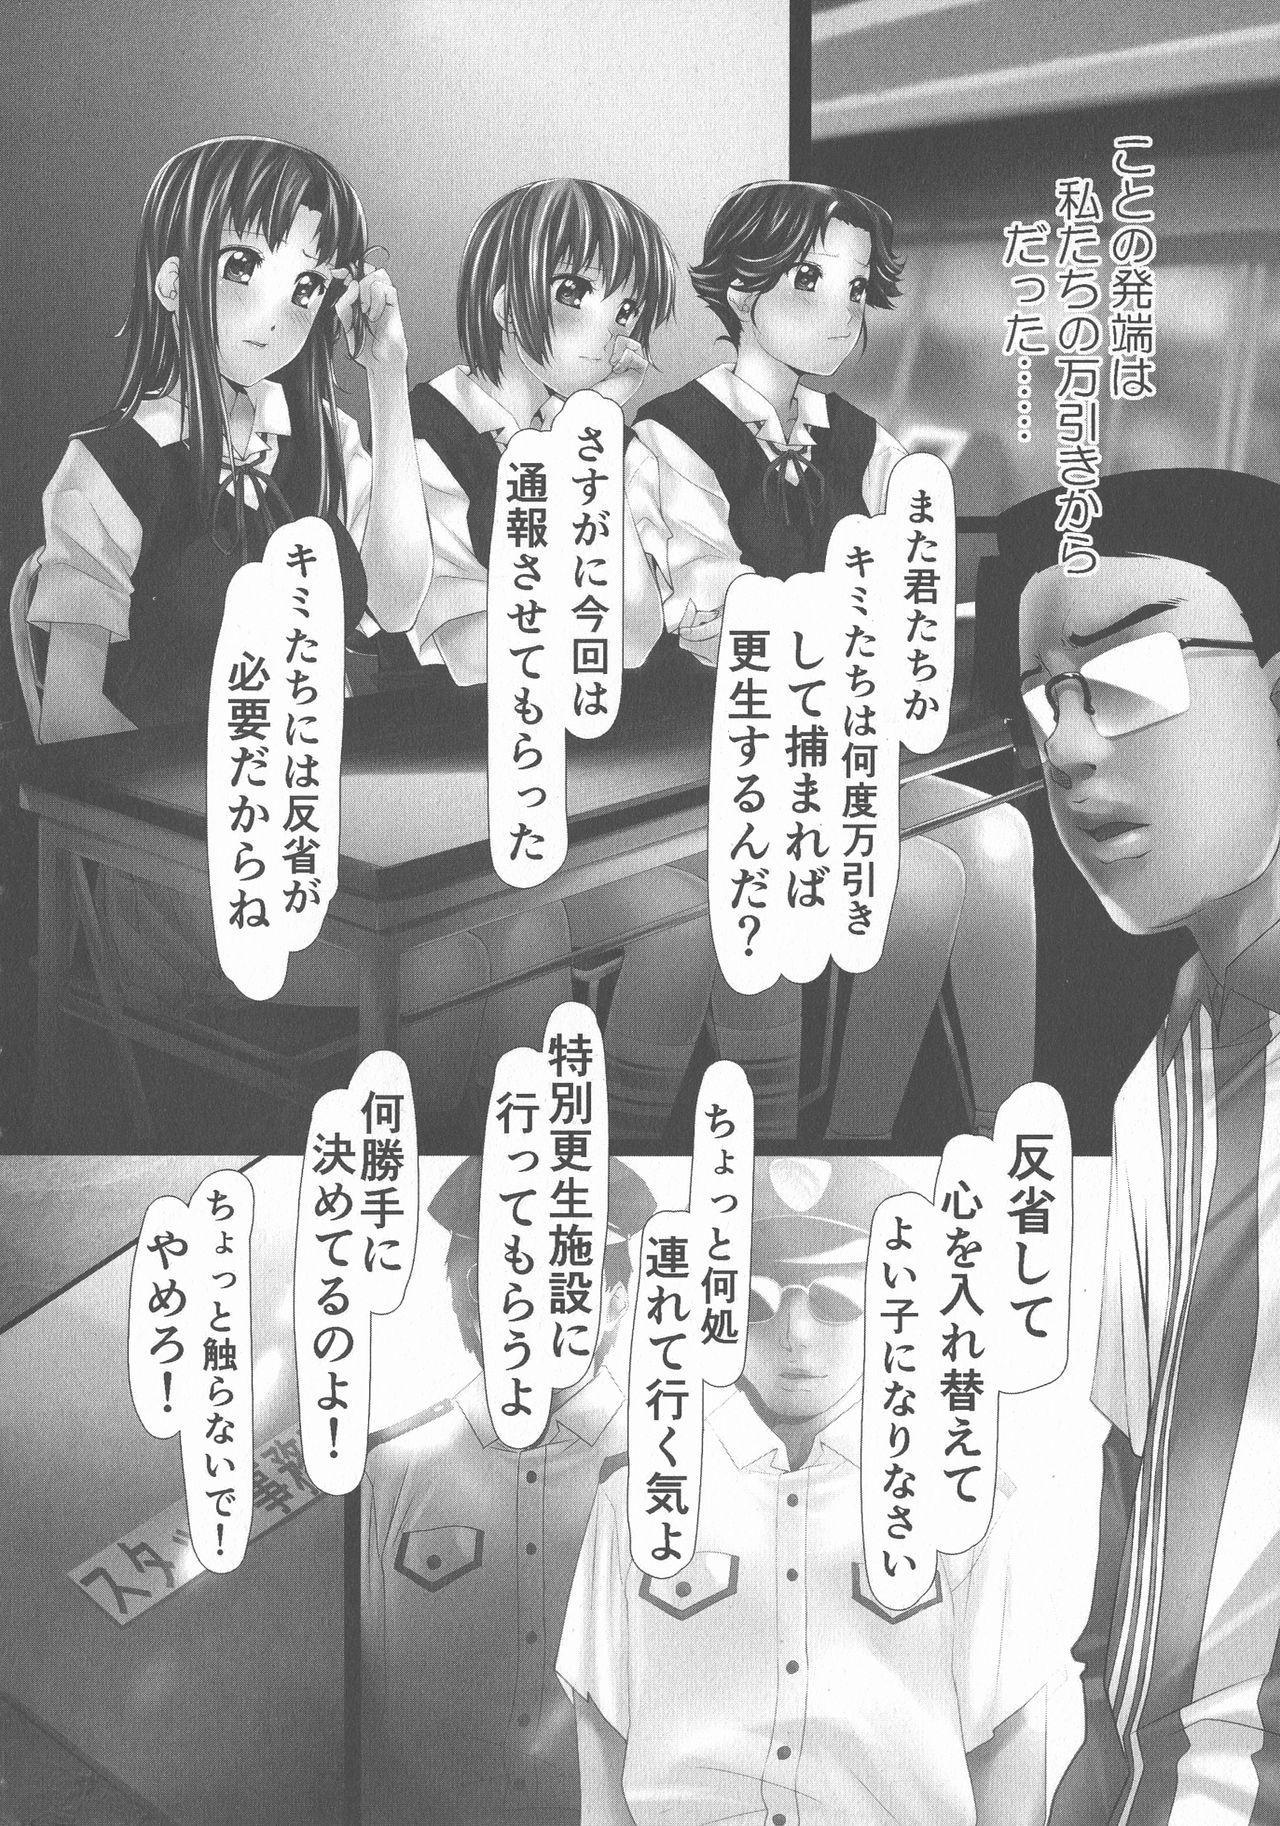 Jochiku no Utage 33